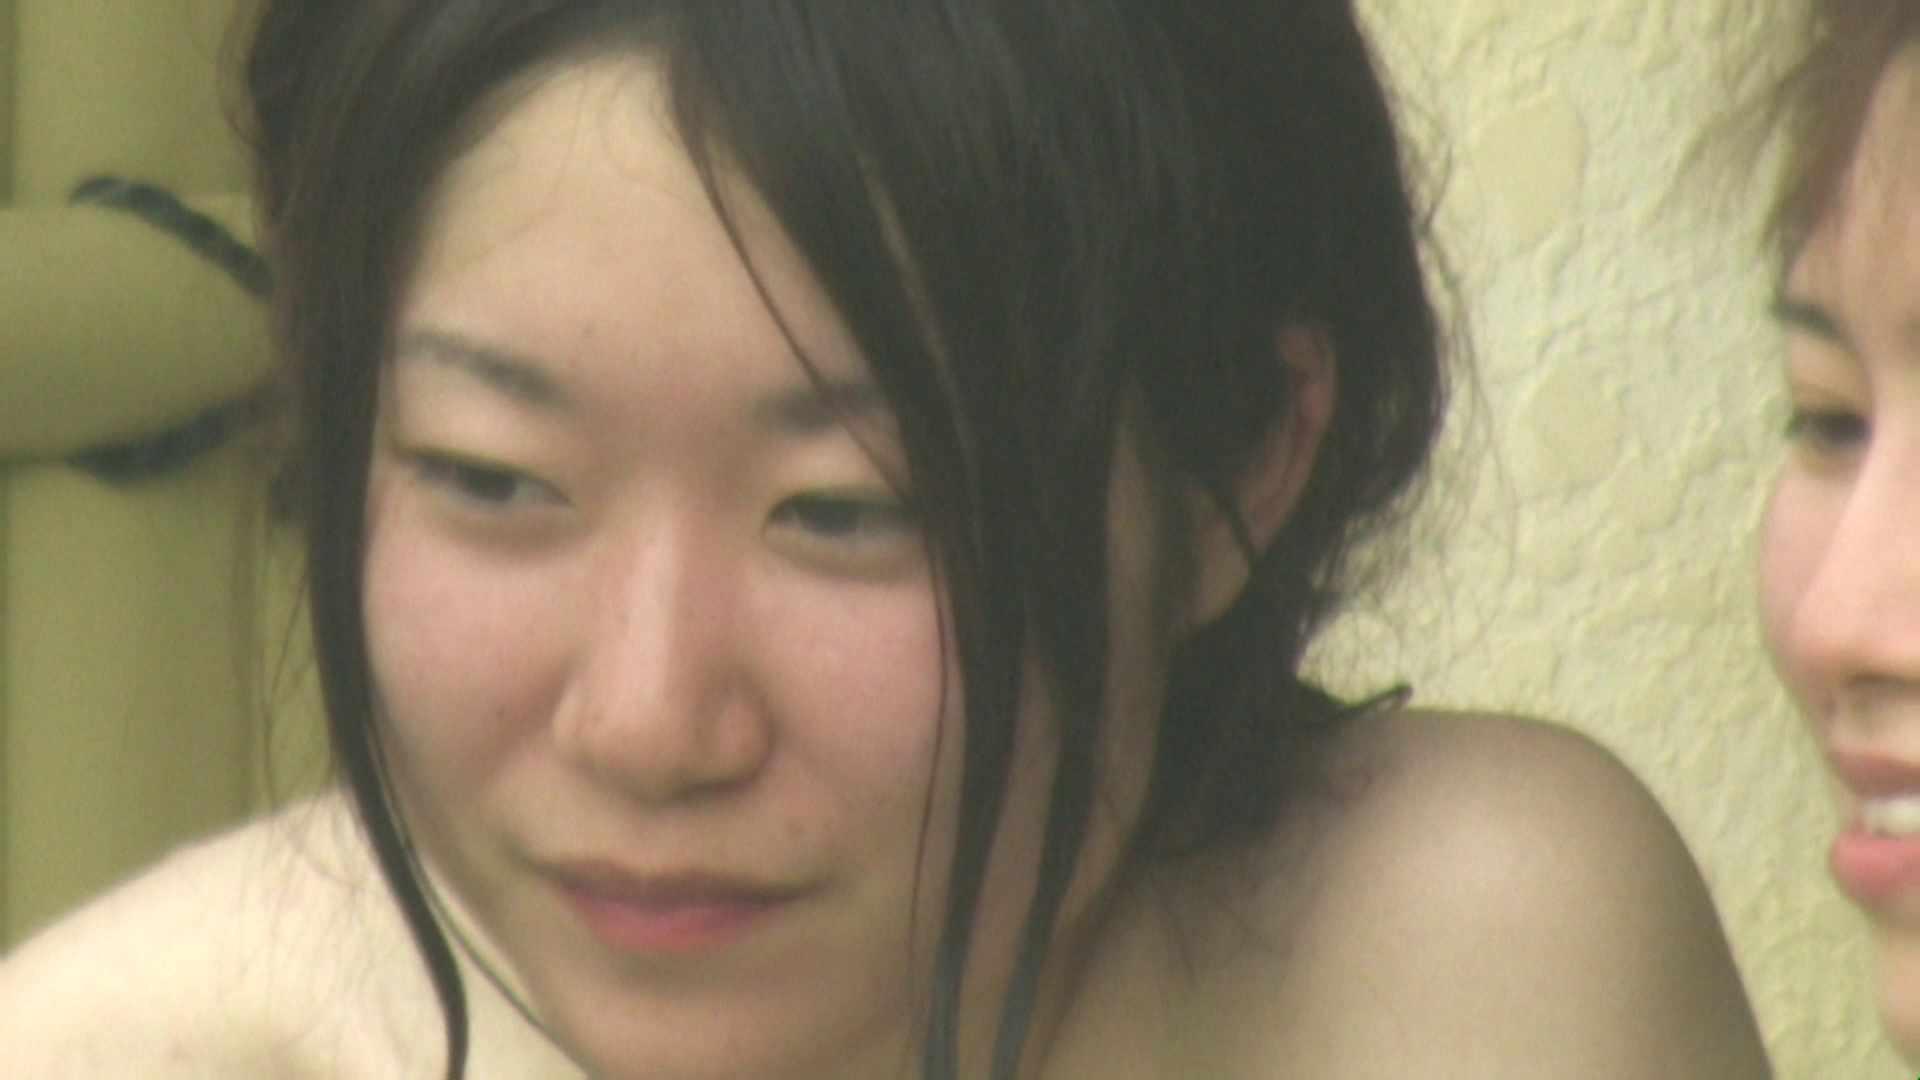 高画質露天女風呂観察 vol.025 女風呂 オマンコ無修正動画無料 88PIX 10